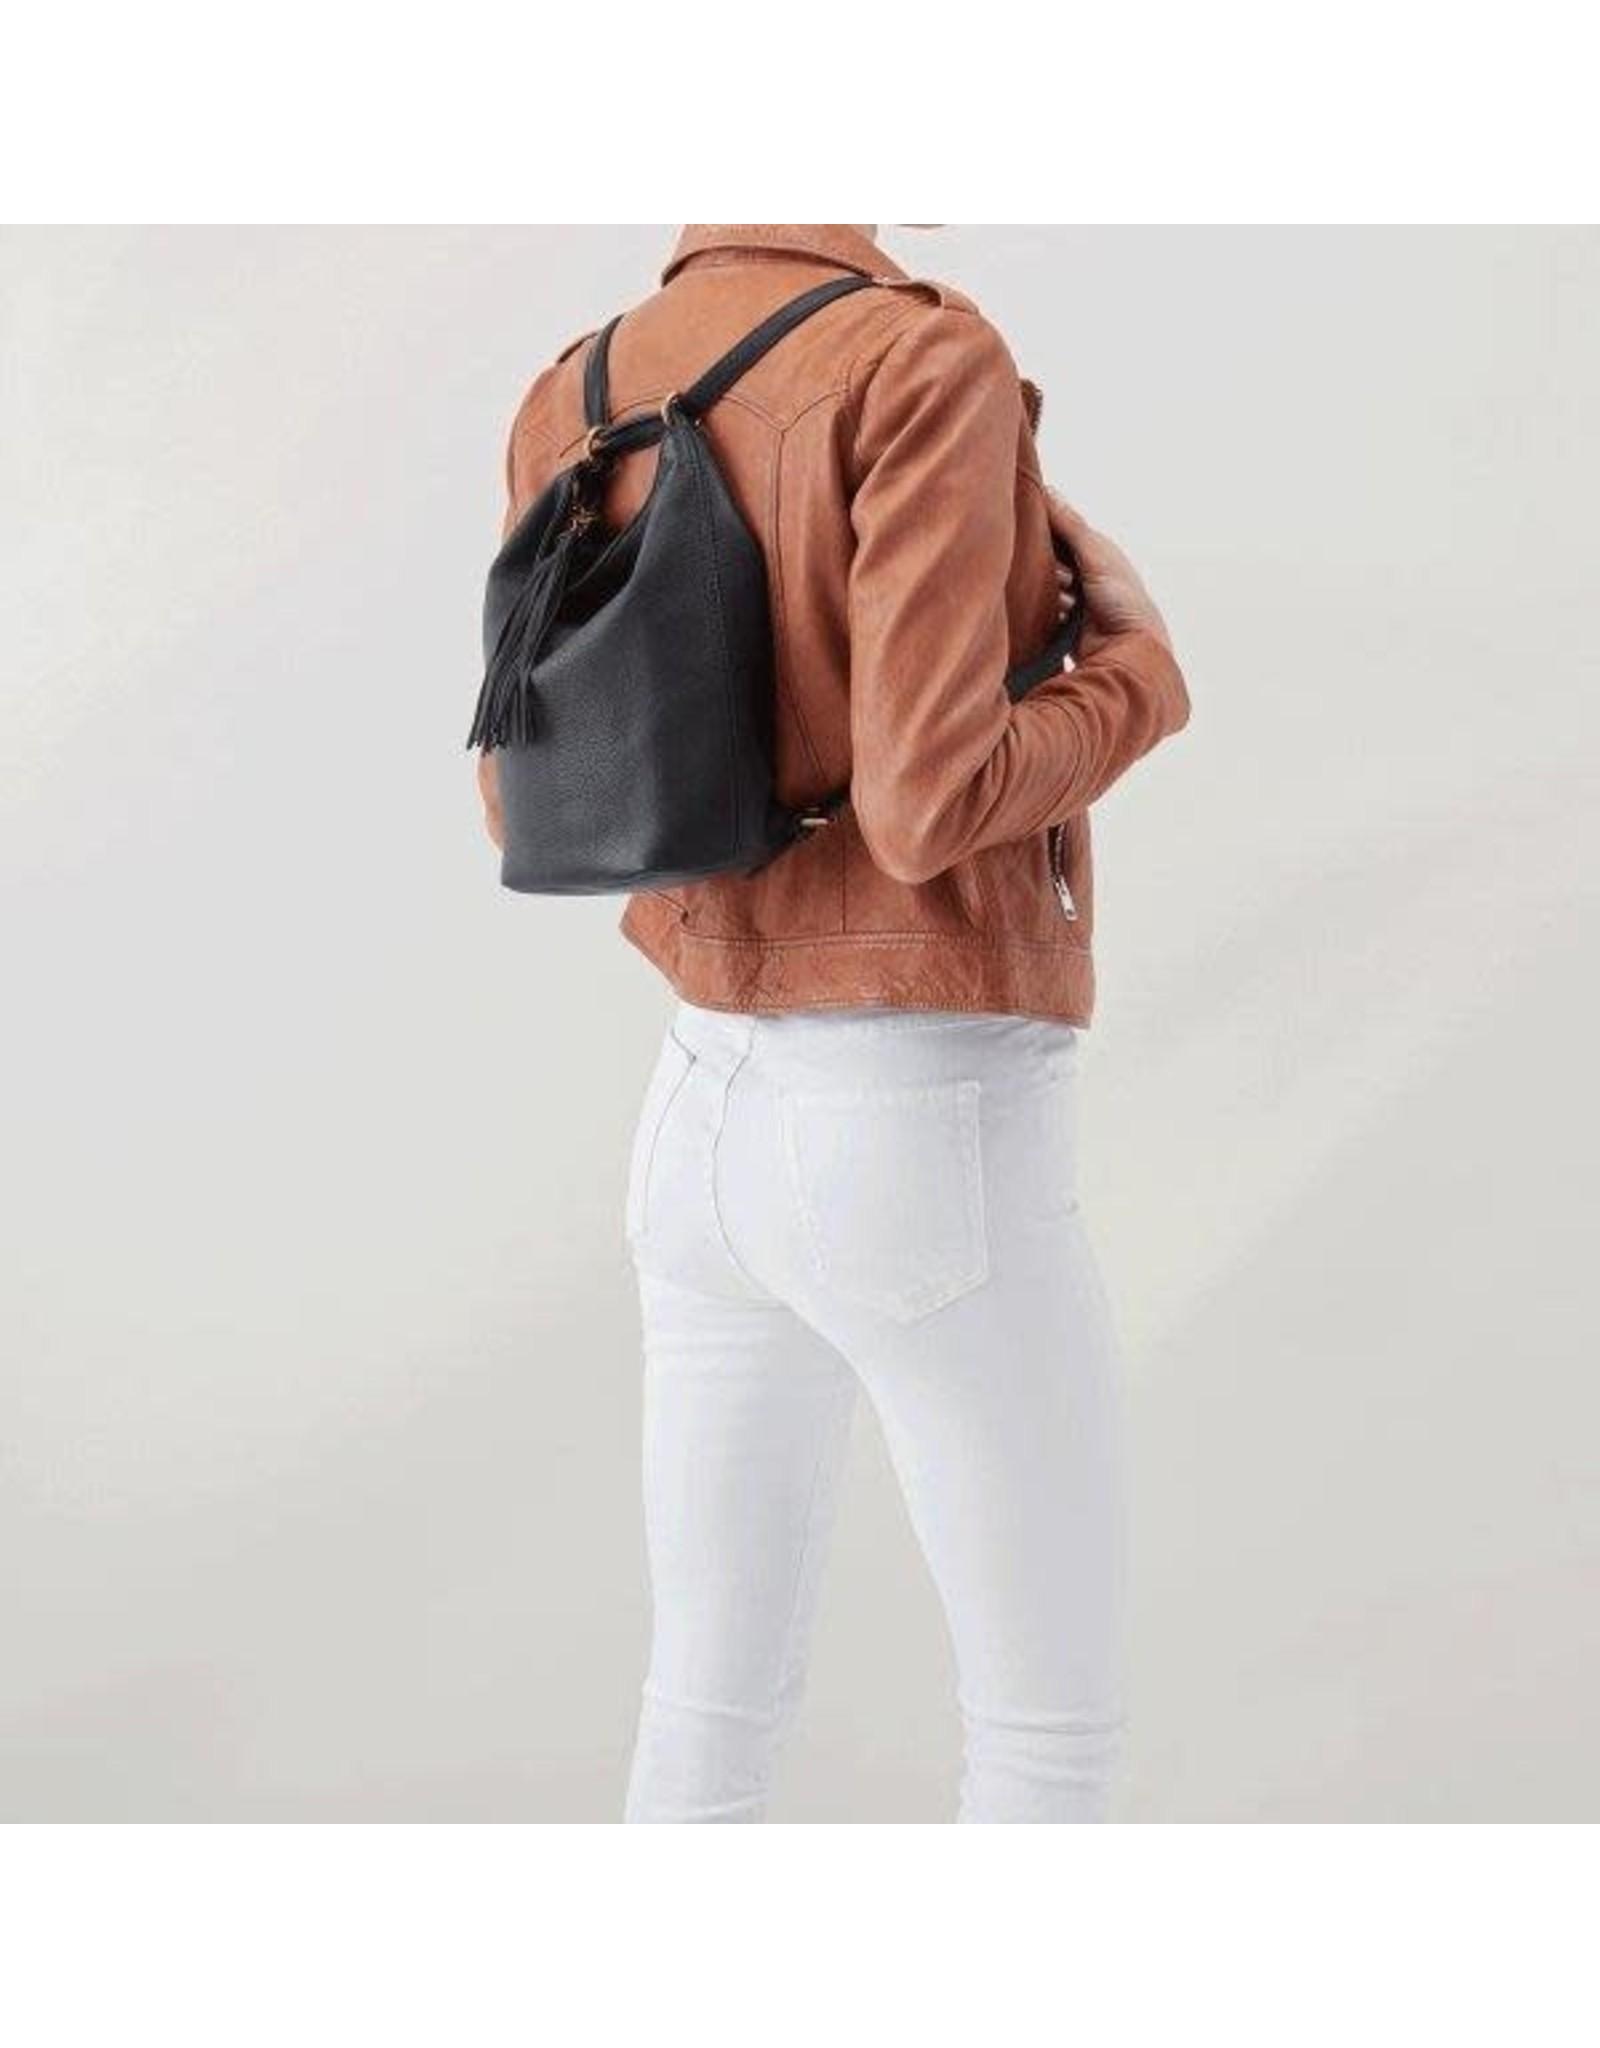 Hobo Blaze Back Pack